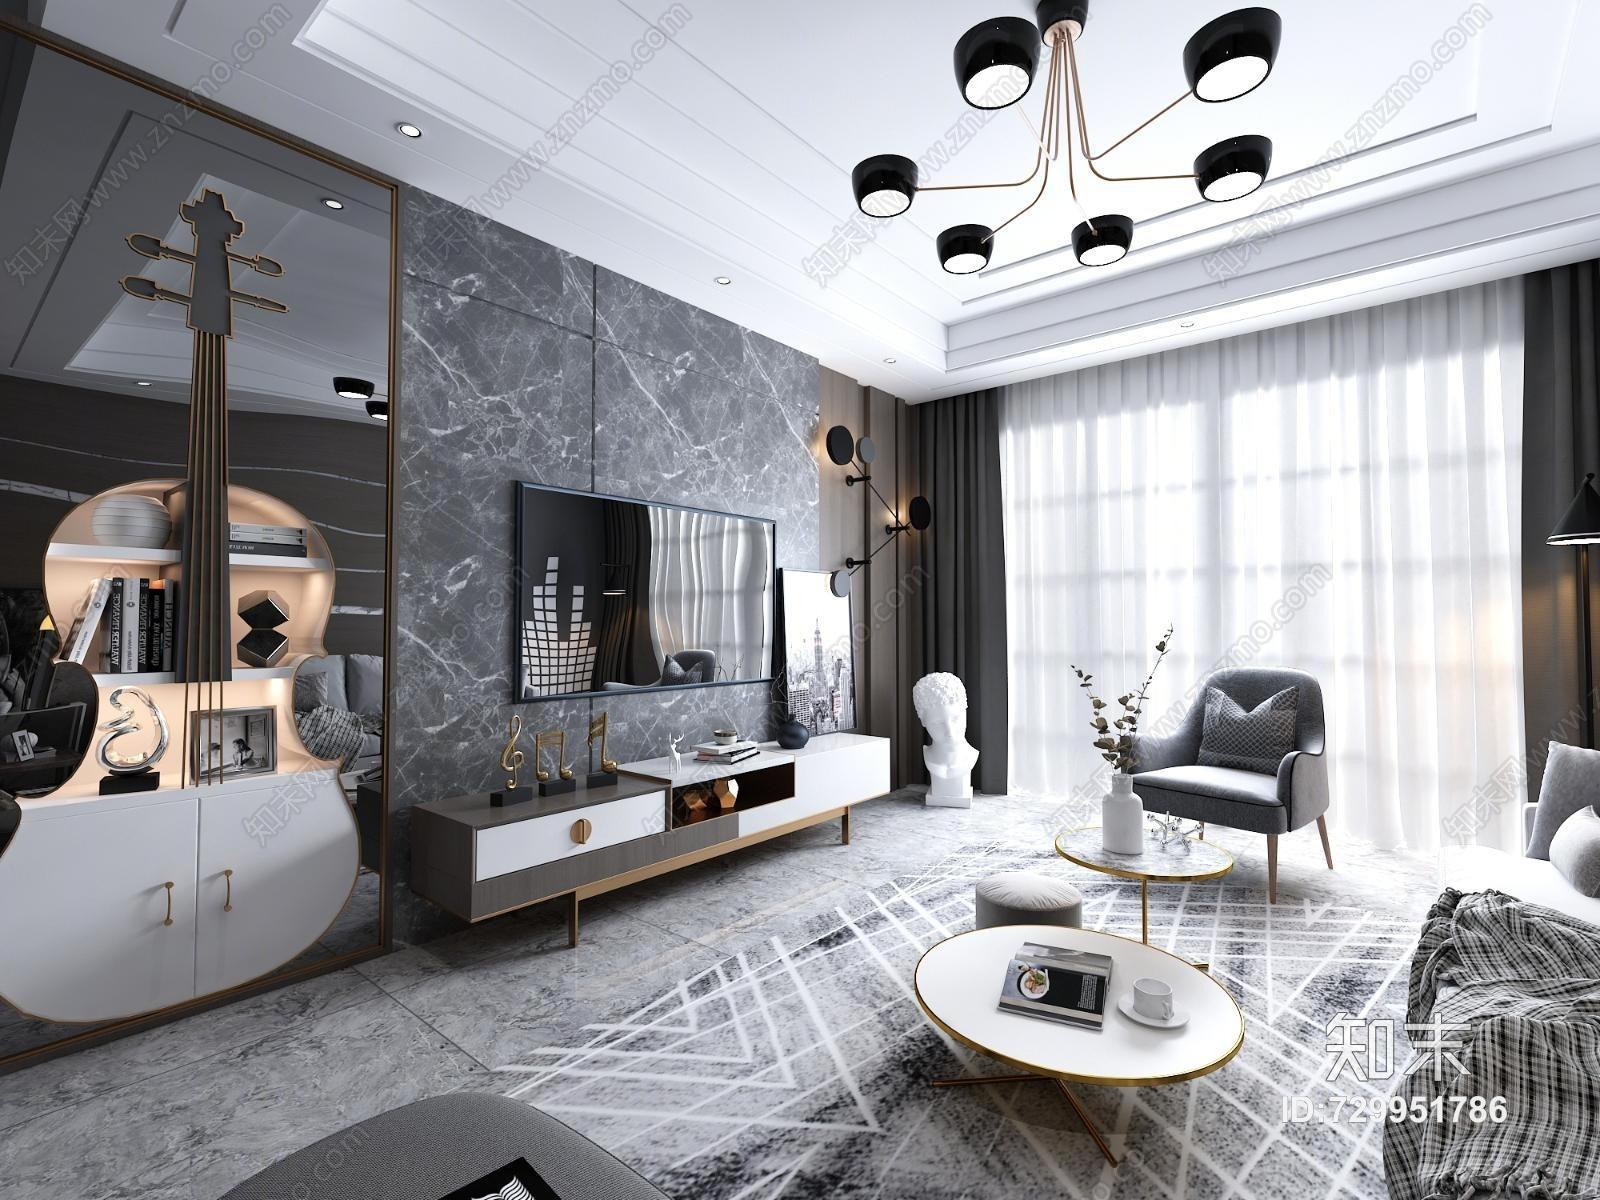 现代轻奢客厅 沙发茶几 电视柜 单椅 装饰柜 吊灯 装饰画